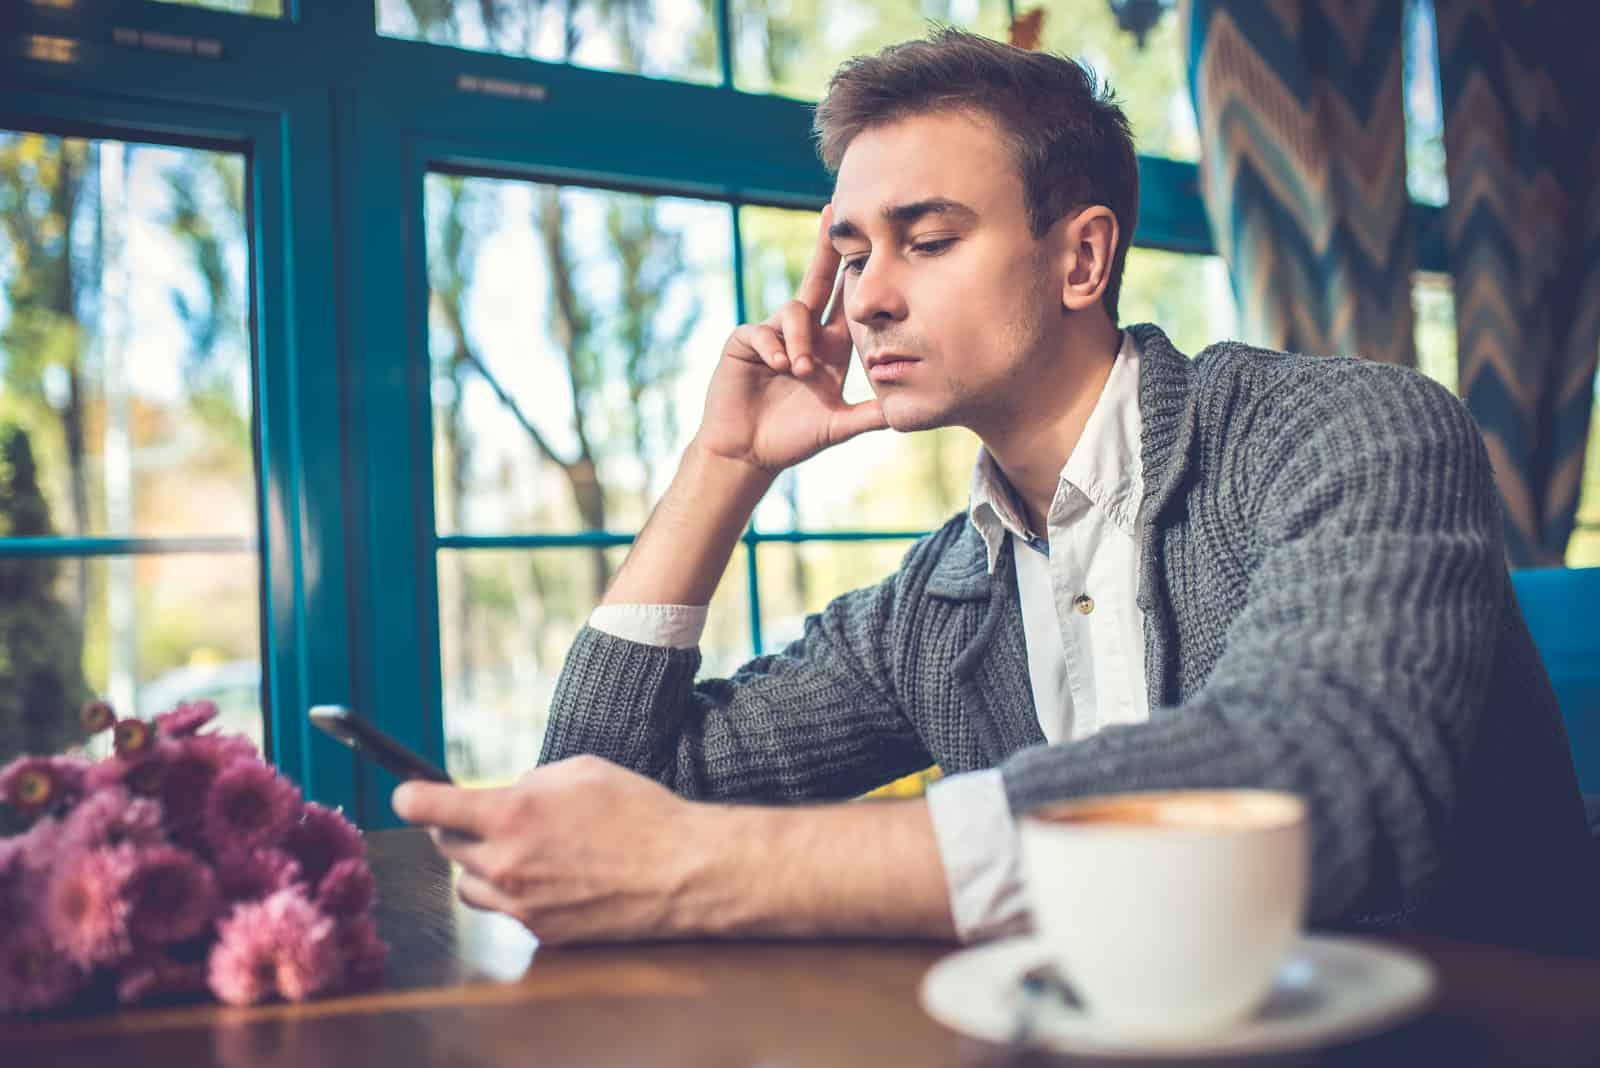 un homme est assis en train de boire du café et une clé sur le téléphone